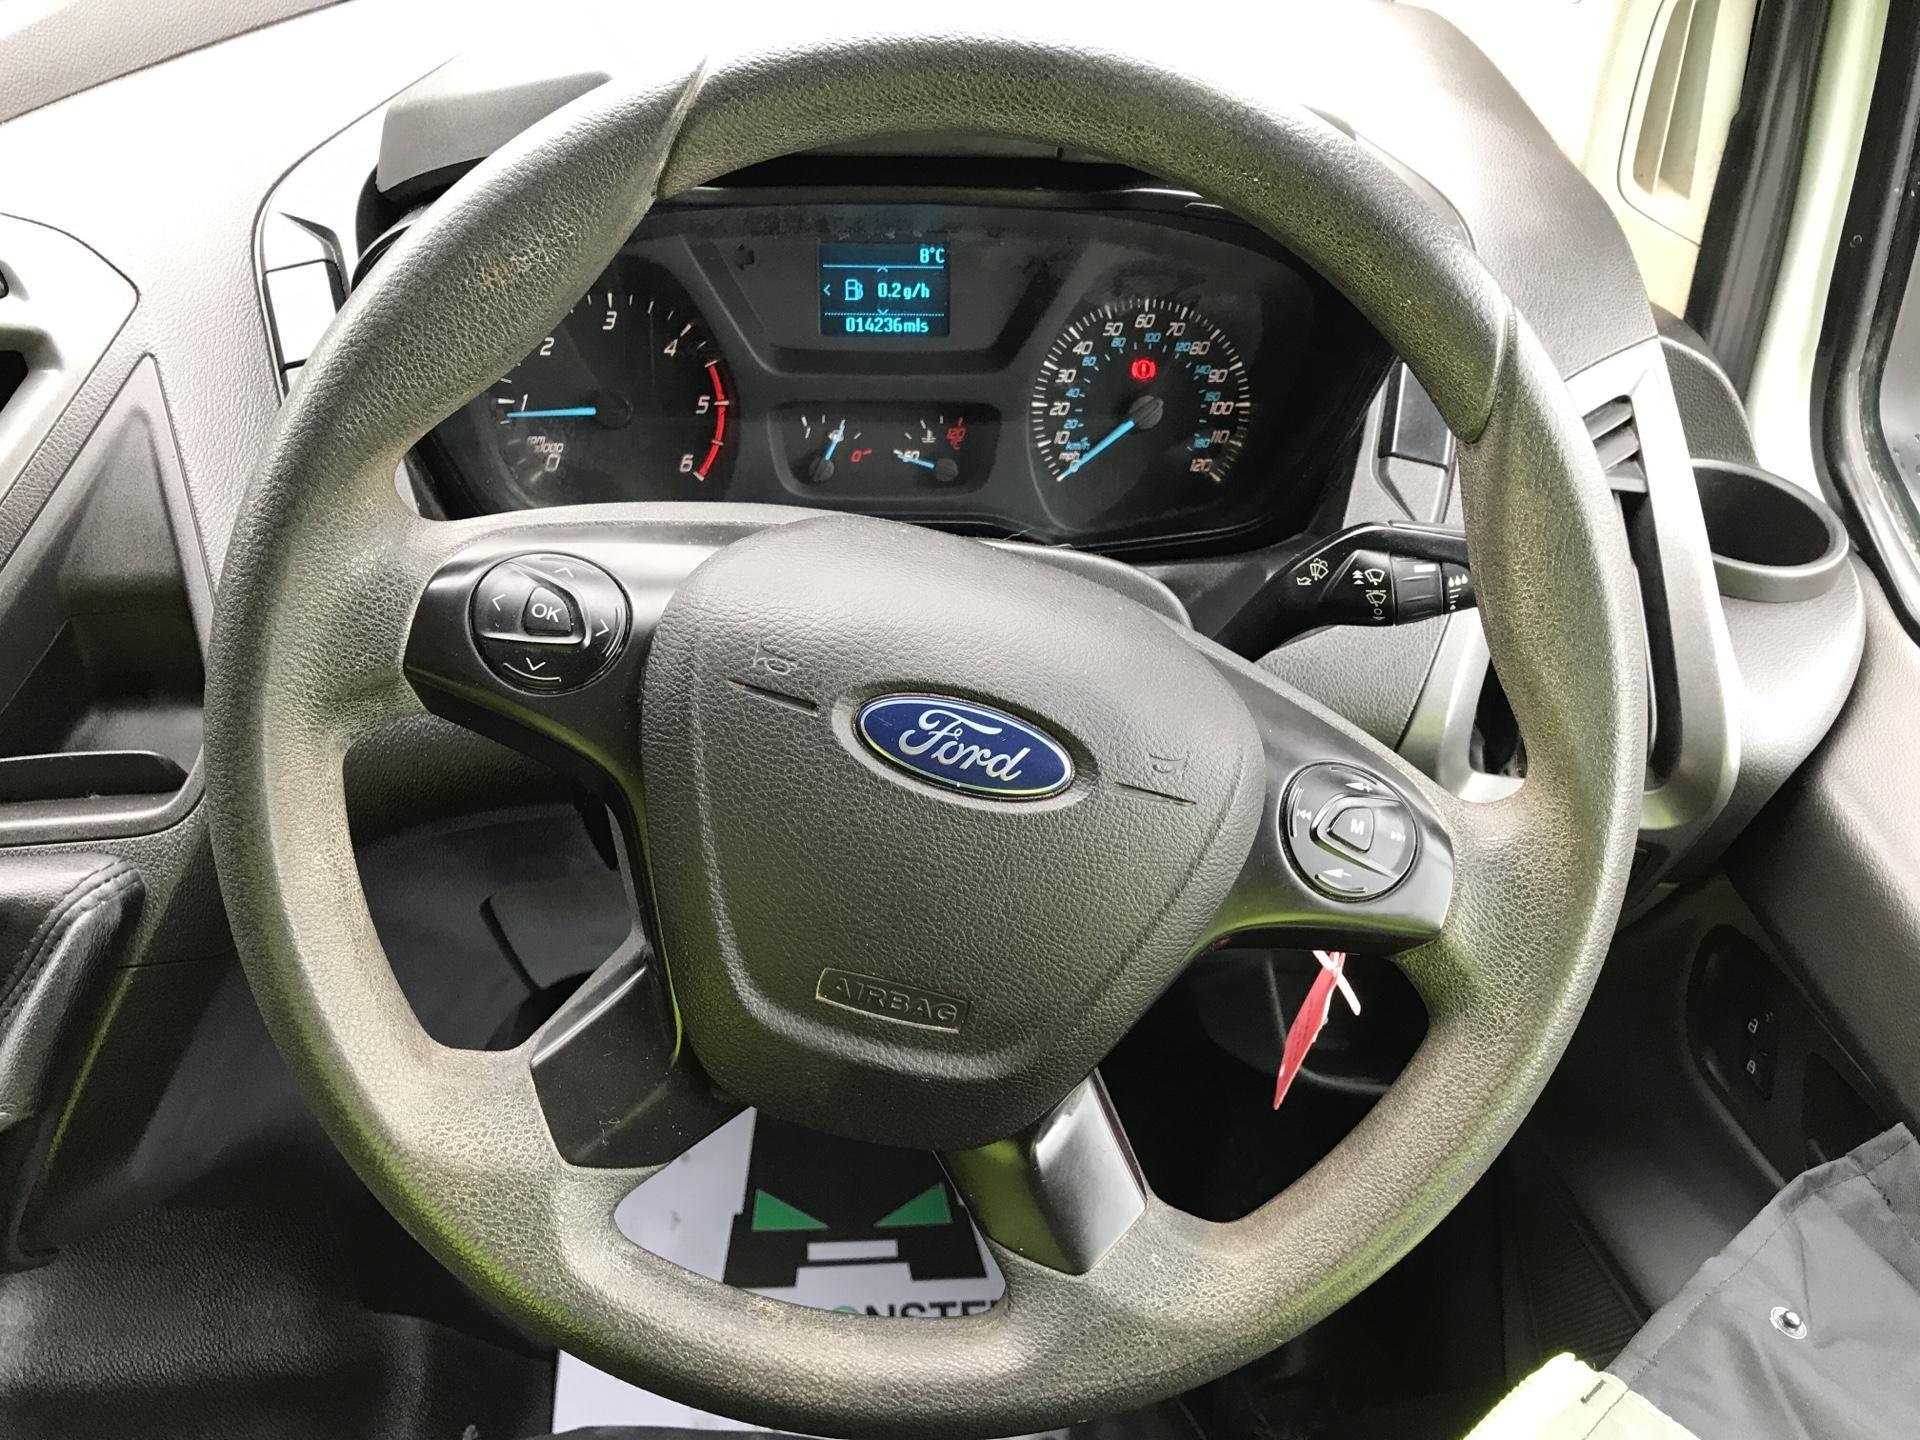 2017 Ford Transit Custom 290 L1 DIESEL FWD 2.0 TDCI 105PS LOW ROOF VAN EURO 6 (FL17VMF) Image 12